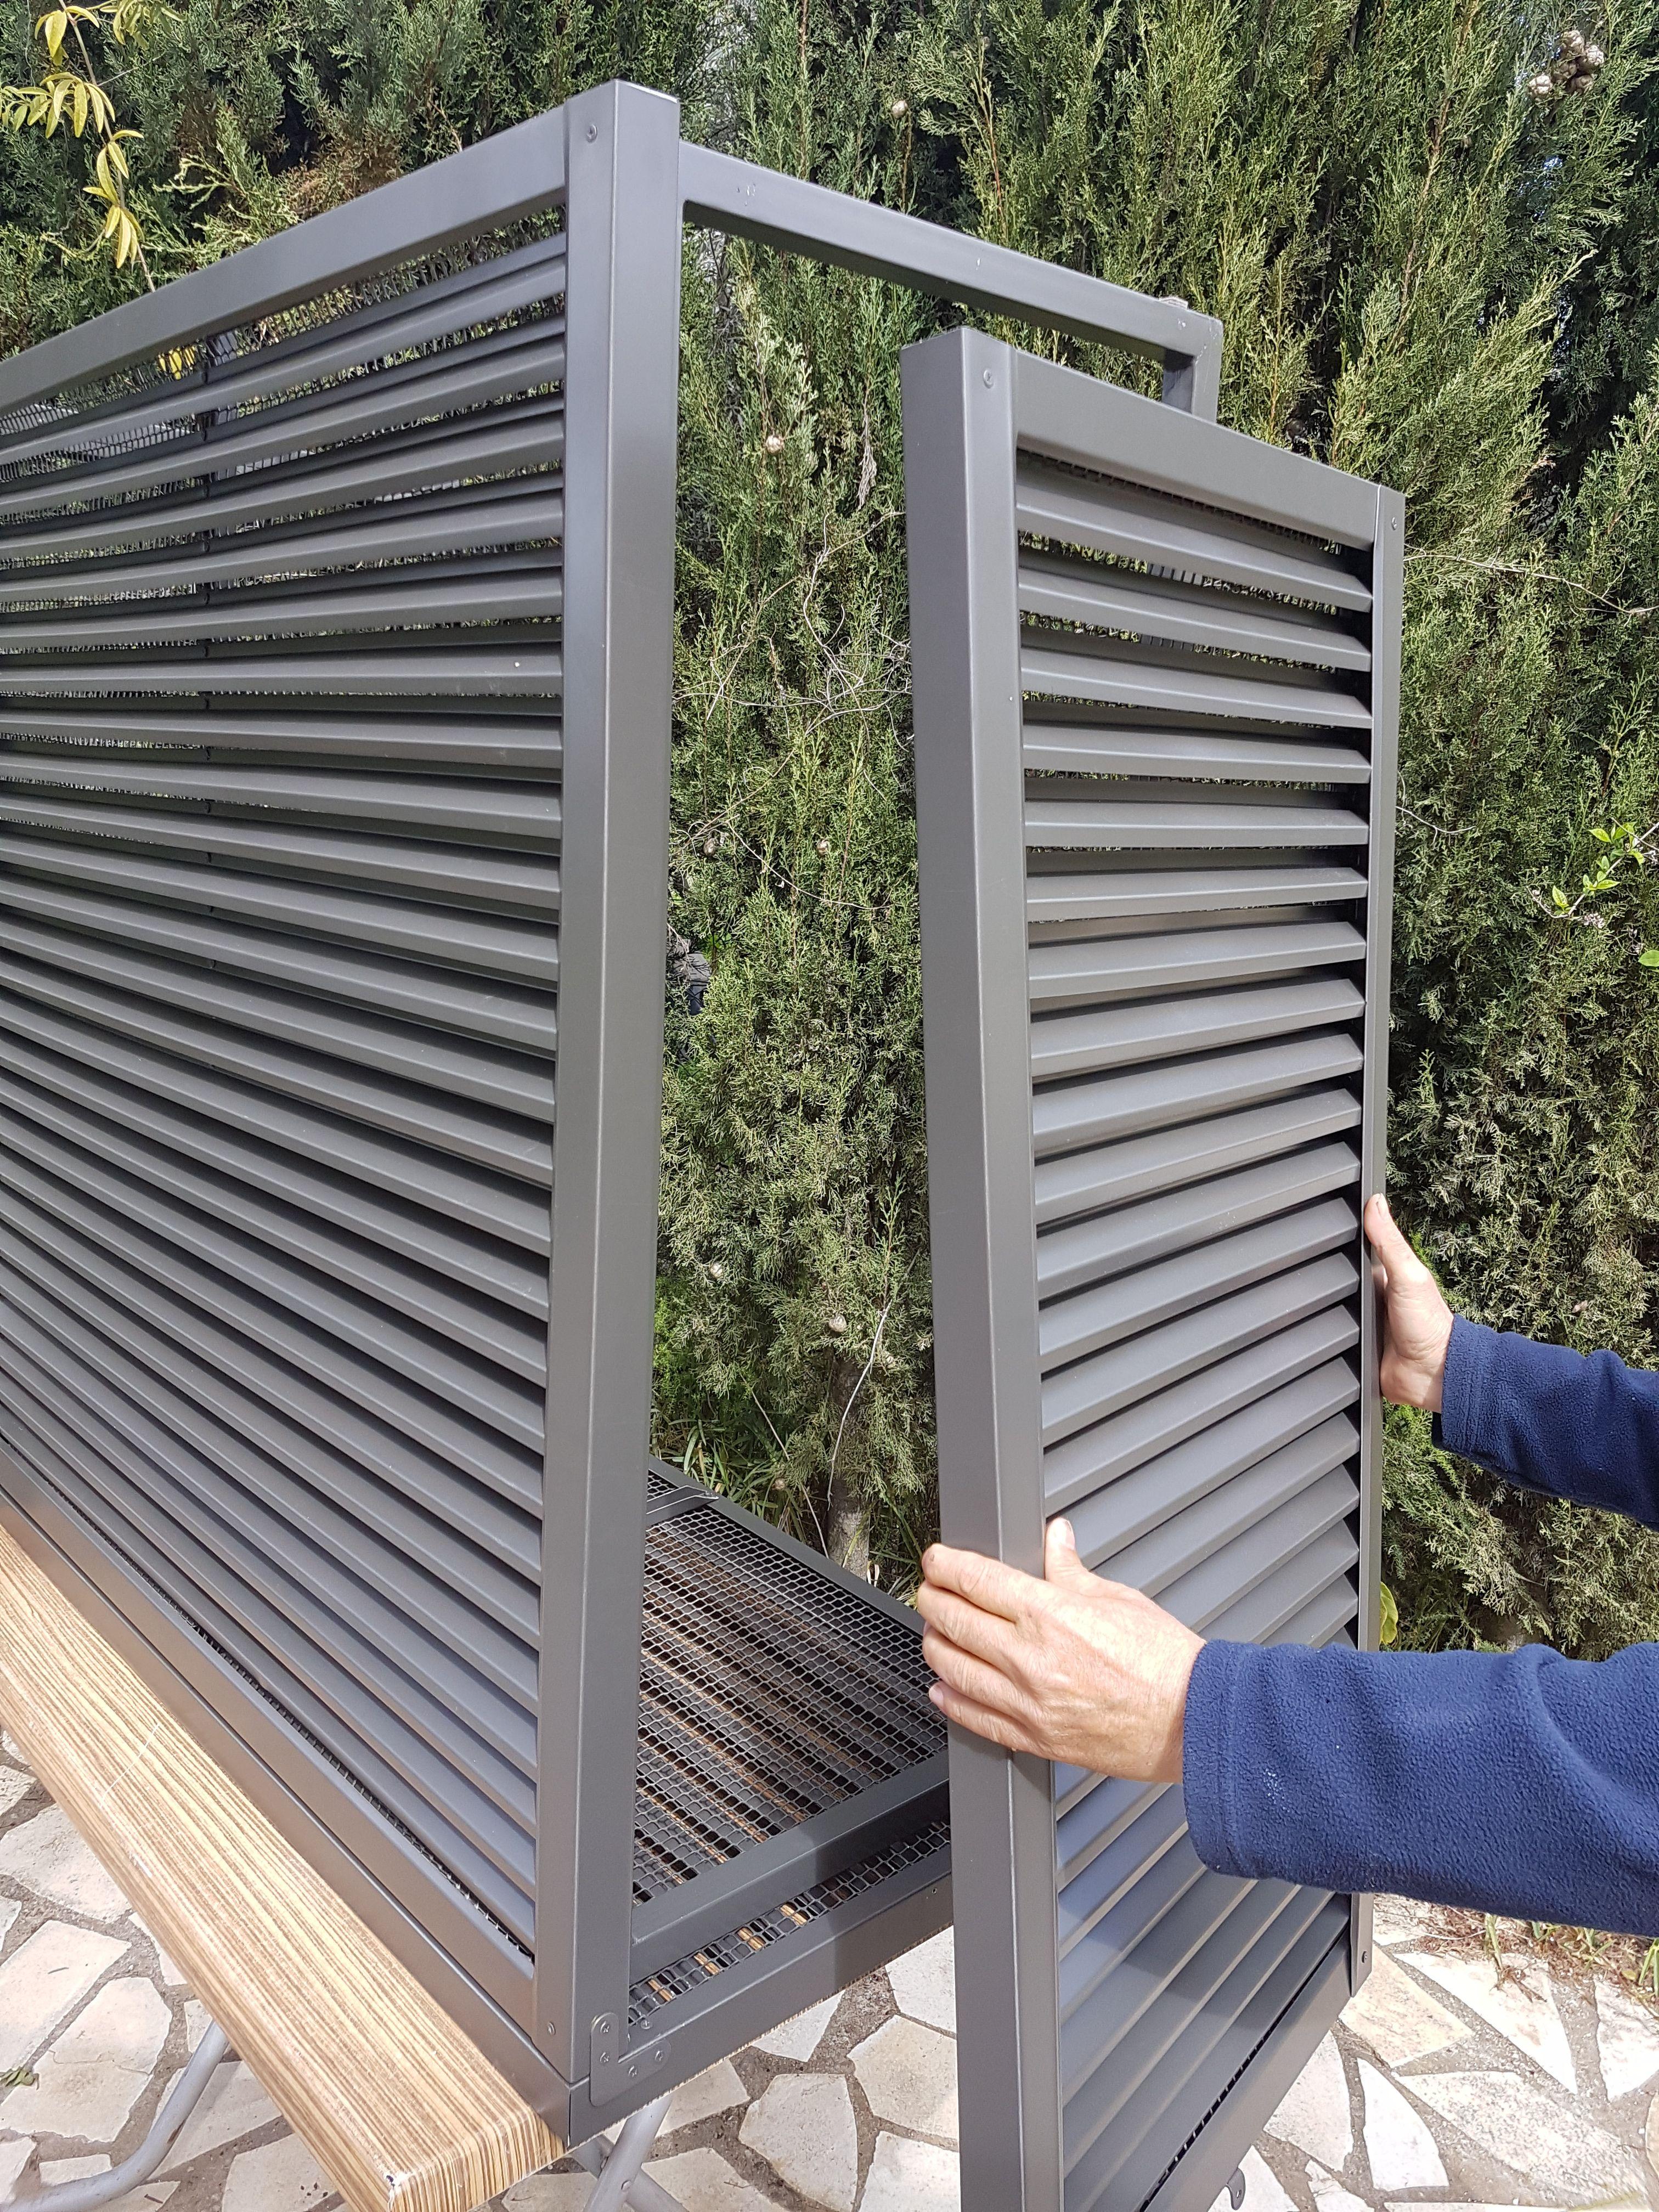 Cubierta de aire acondicionado para exterior. Ocultar el